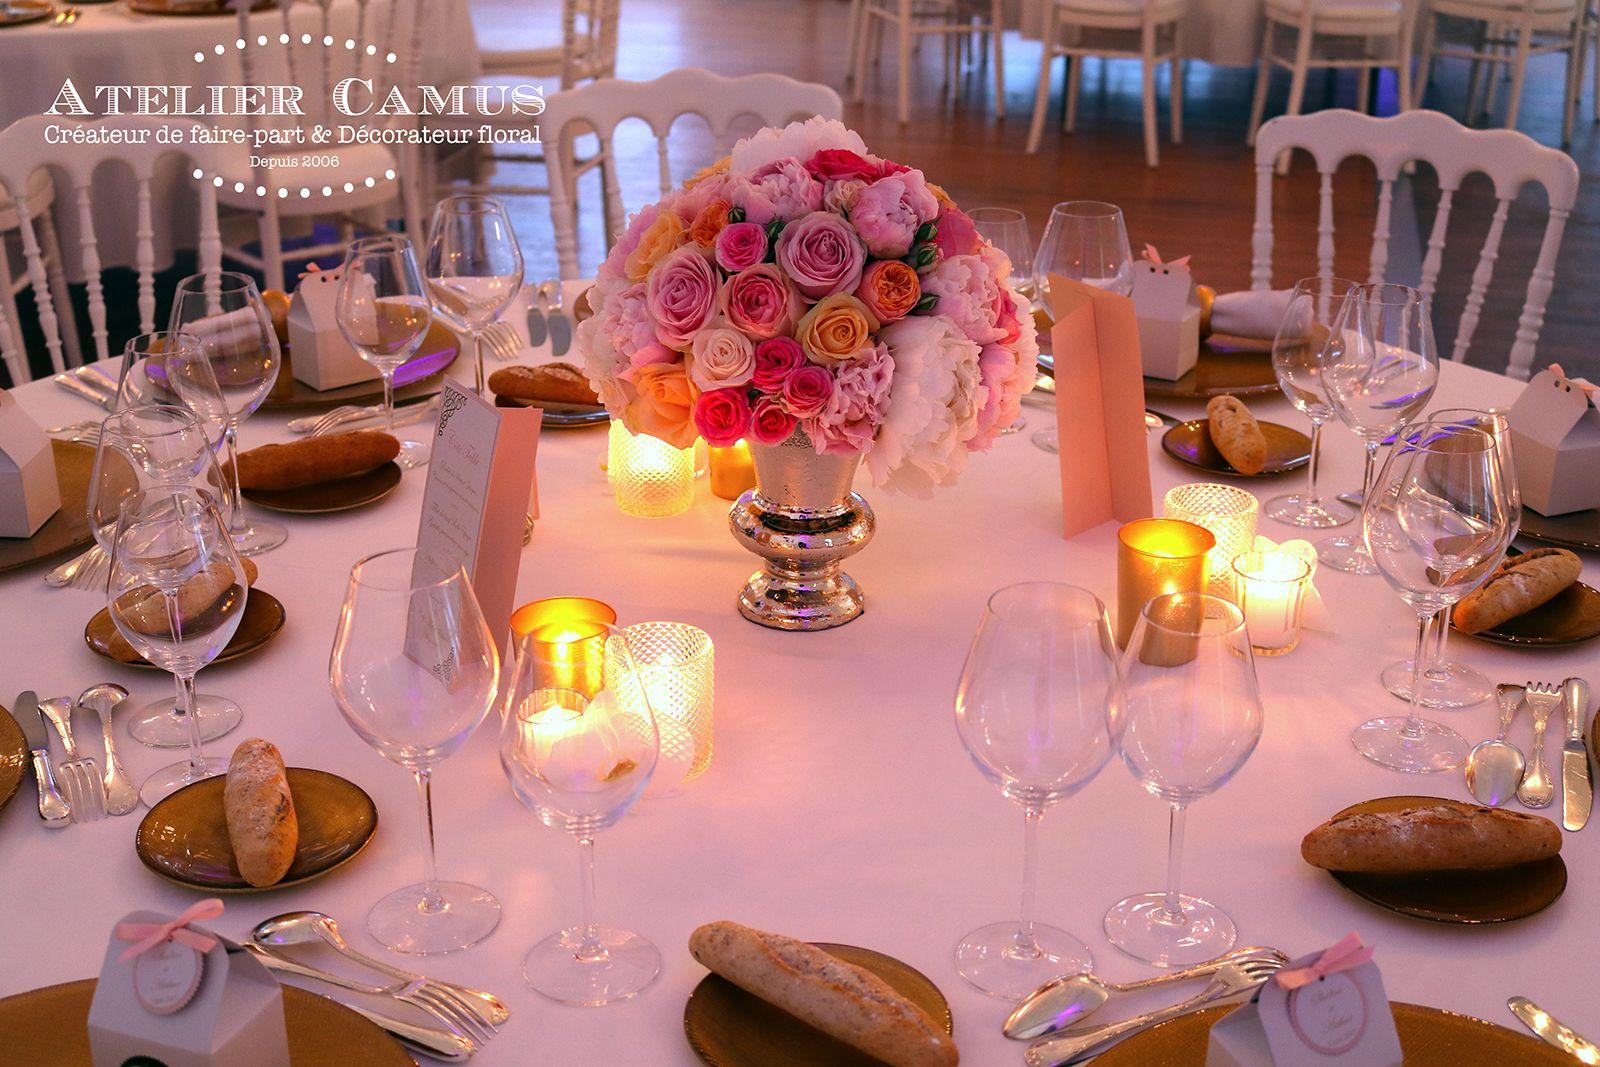 Centre de table mariage chic et raffiné.  Table mariage chic